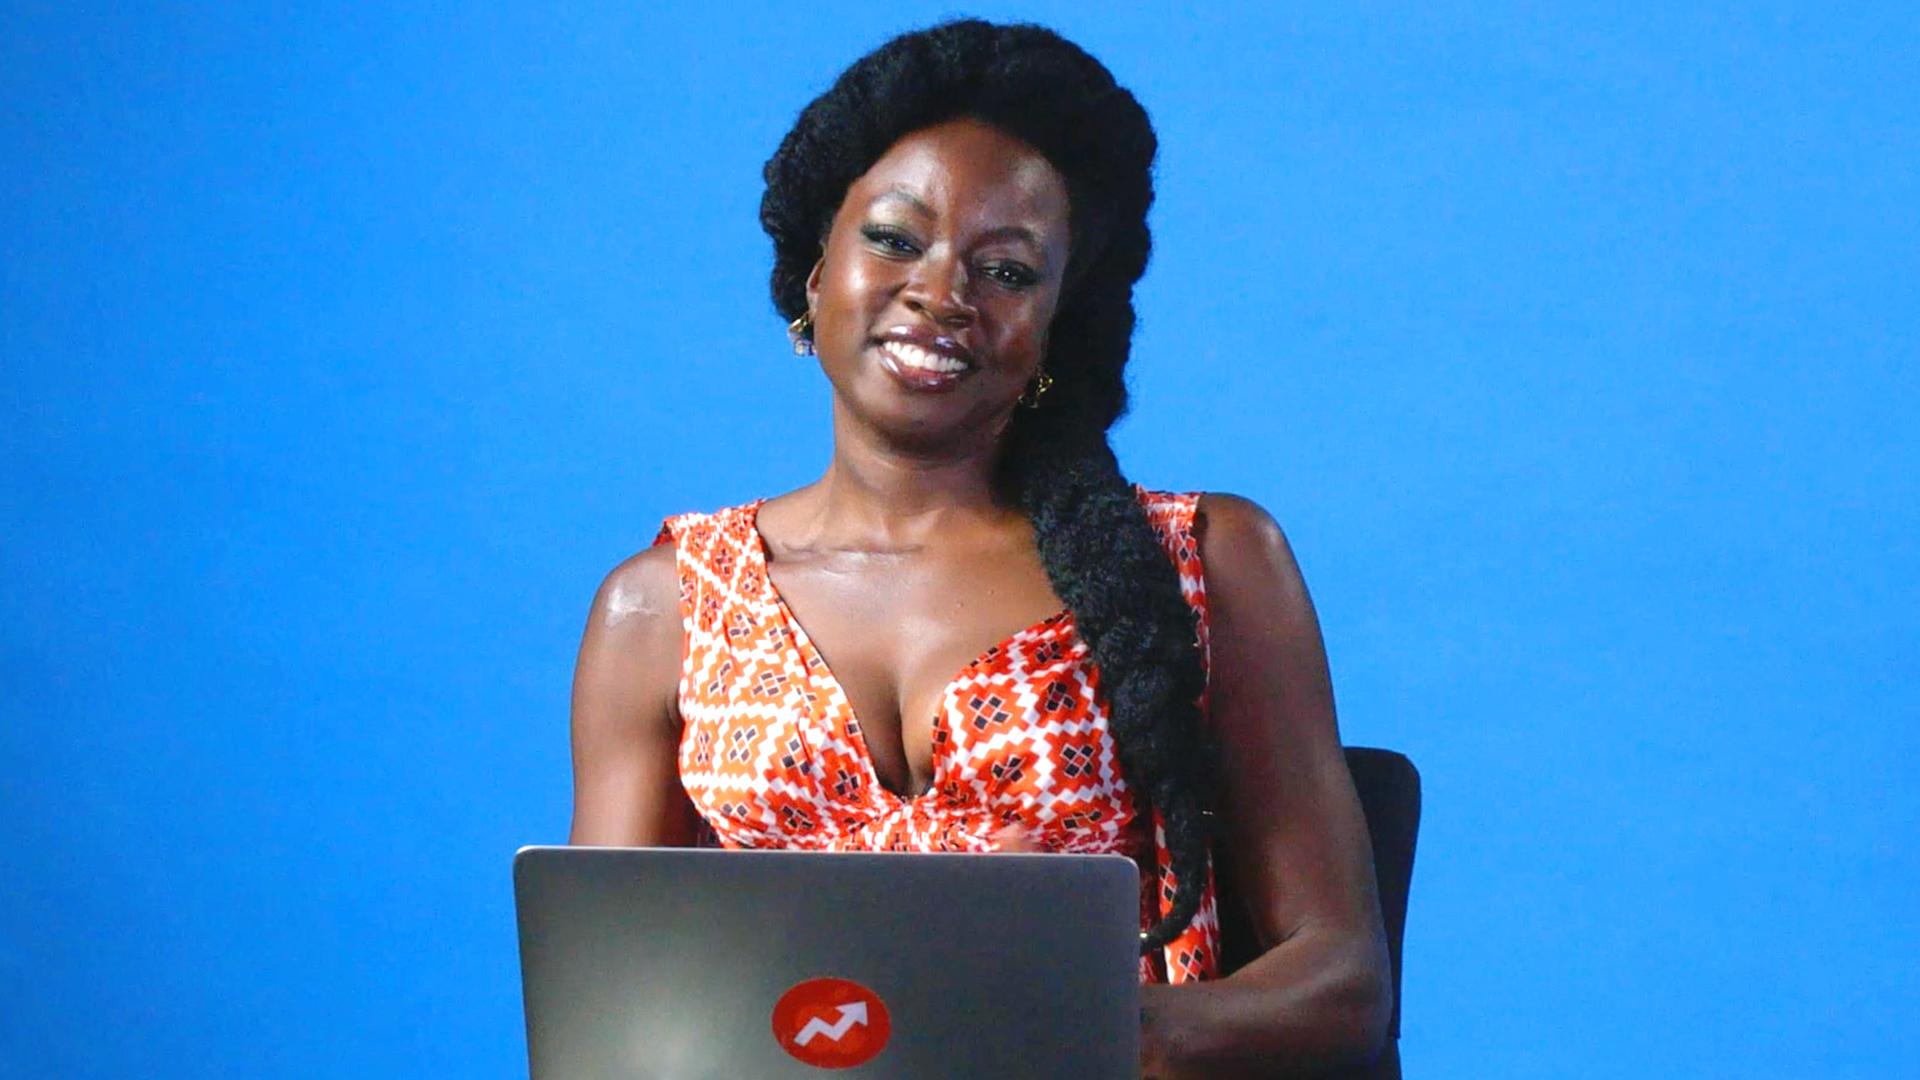 Ebony teen photos